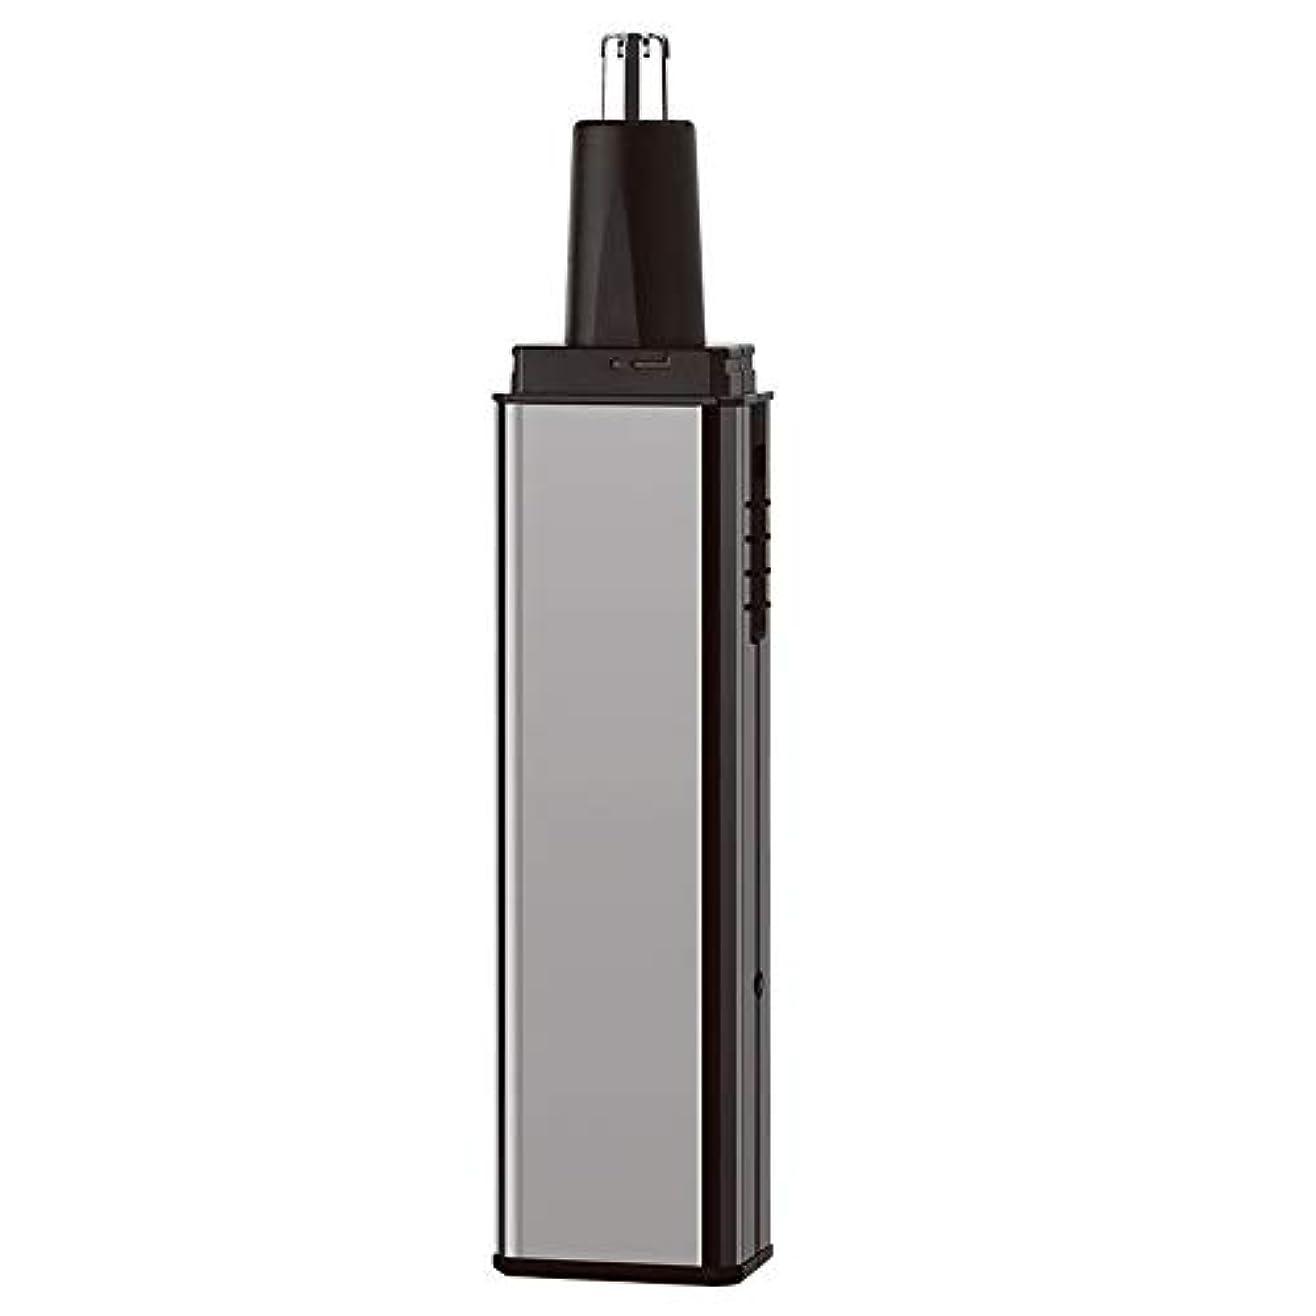 させるアパートバレエ鼻毛トリマー-多機能スーツフォーインワン/電気鼻毛トリマー/ステンレススチール/多機能/ 13.5 * 2.7cm 作り方がすぐれている